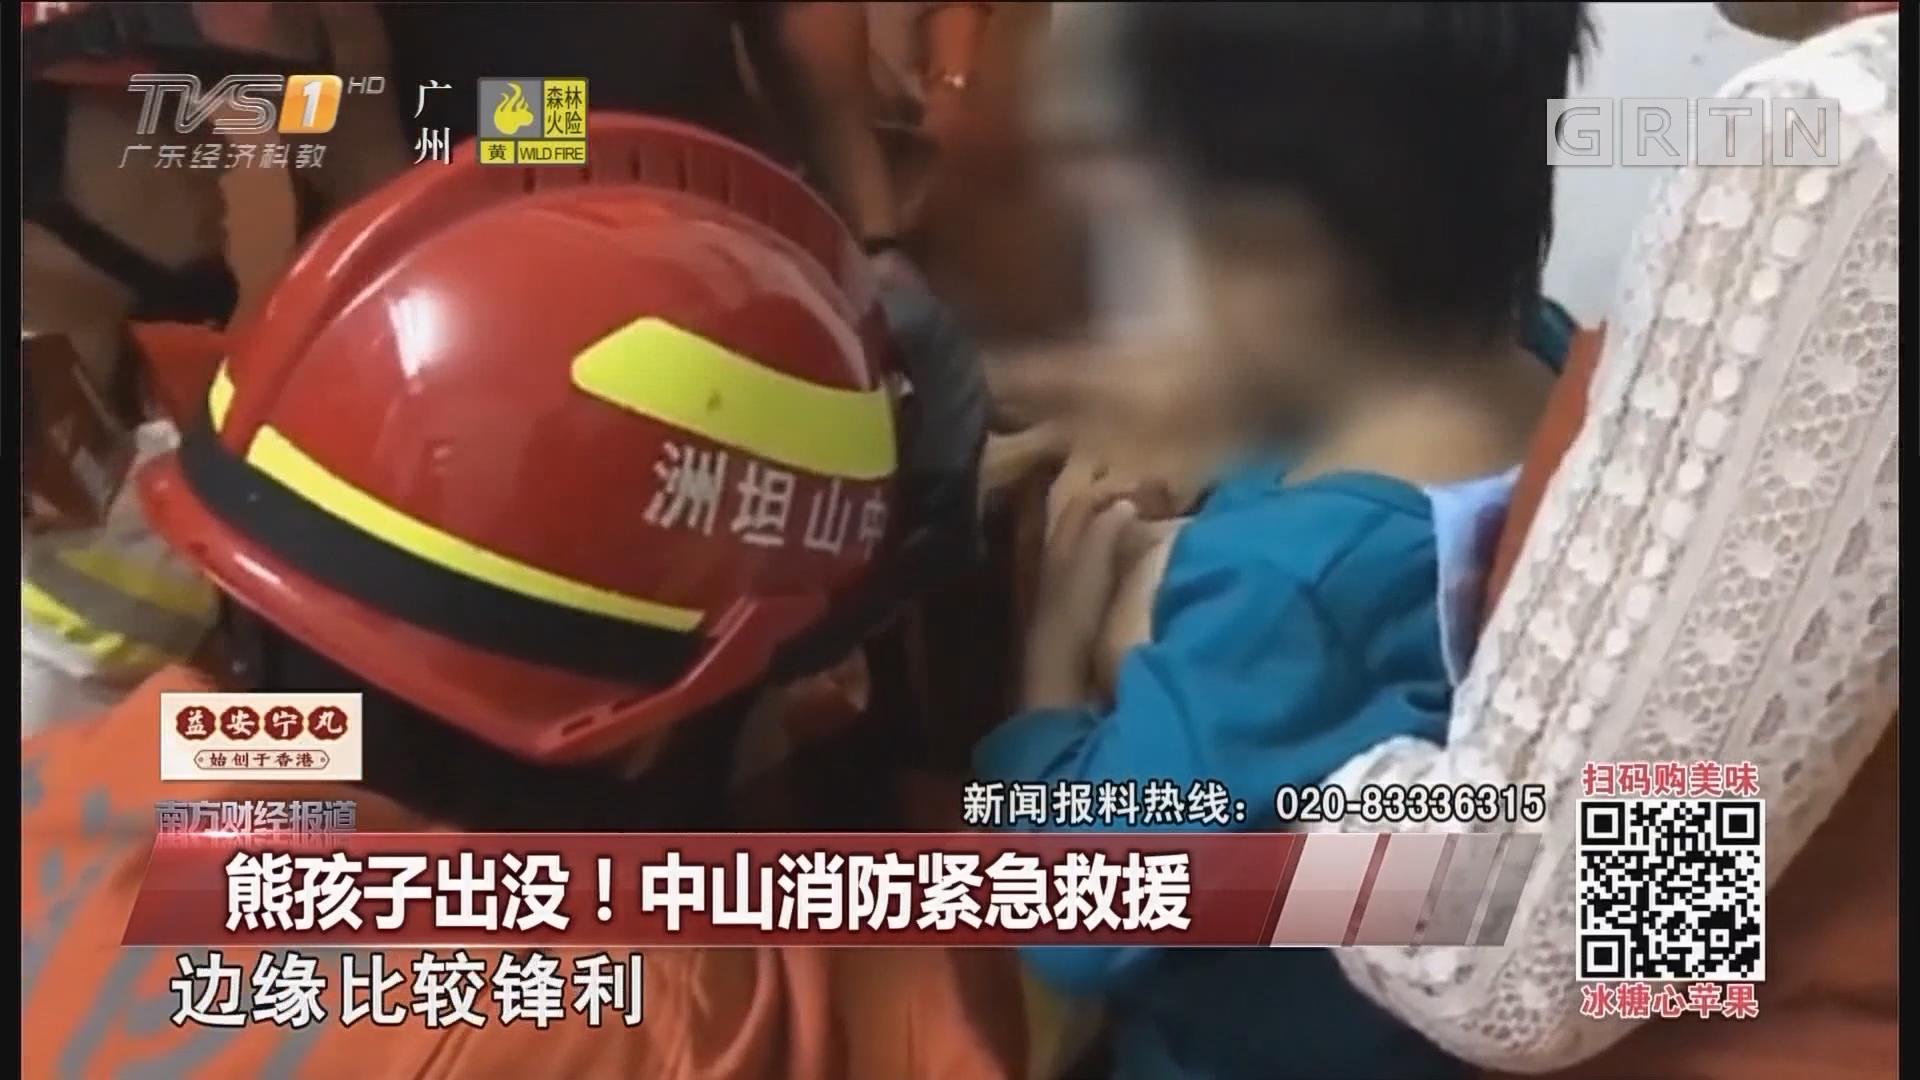 熊孩子出没!中山消防紧急救援